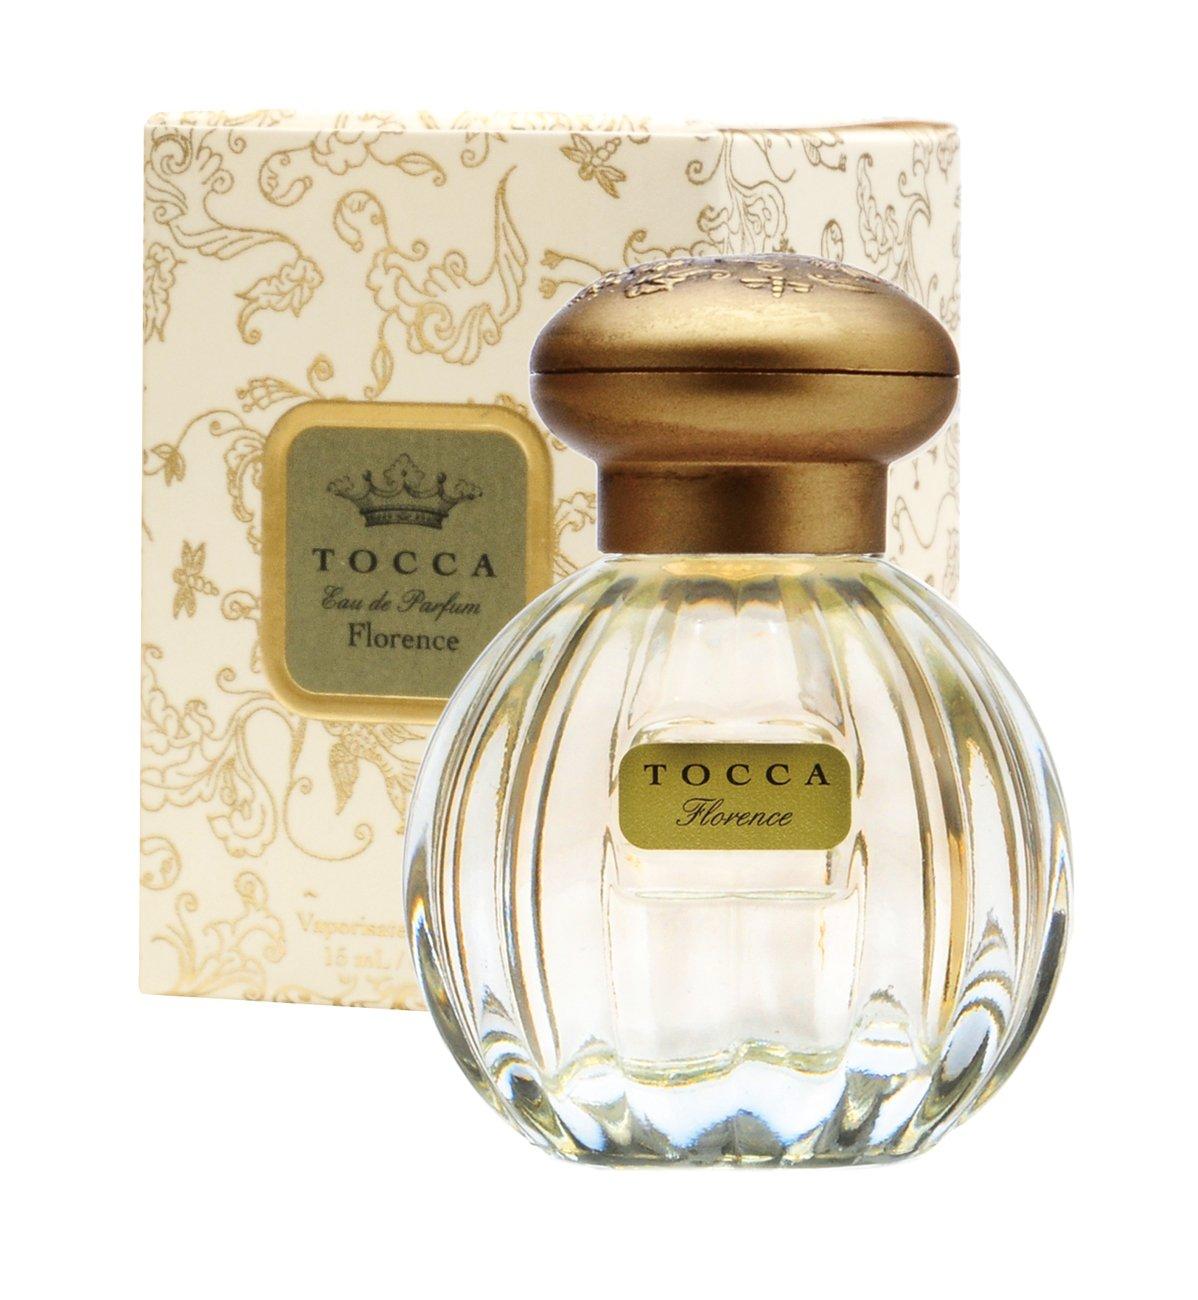 トッカ(TOCCA) ミニオードパルファム フローレンスの香り 15ml(香水 パリジェンヌの洗練された美しさを演出する、ガーデニアとスミレが漂う上品なフローラルの香り)